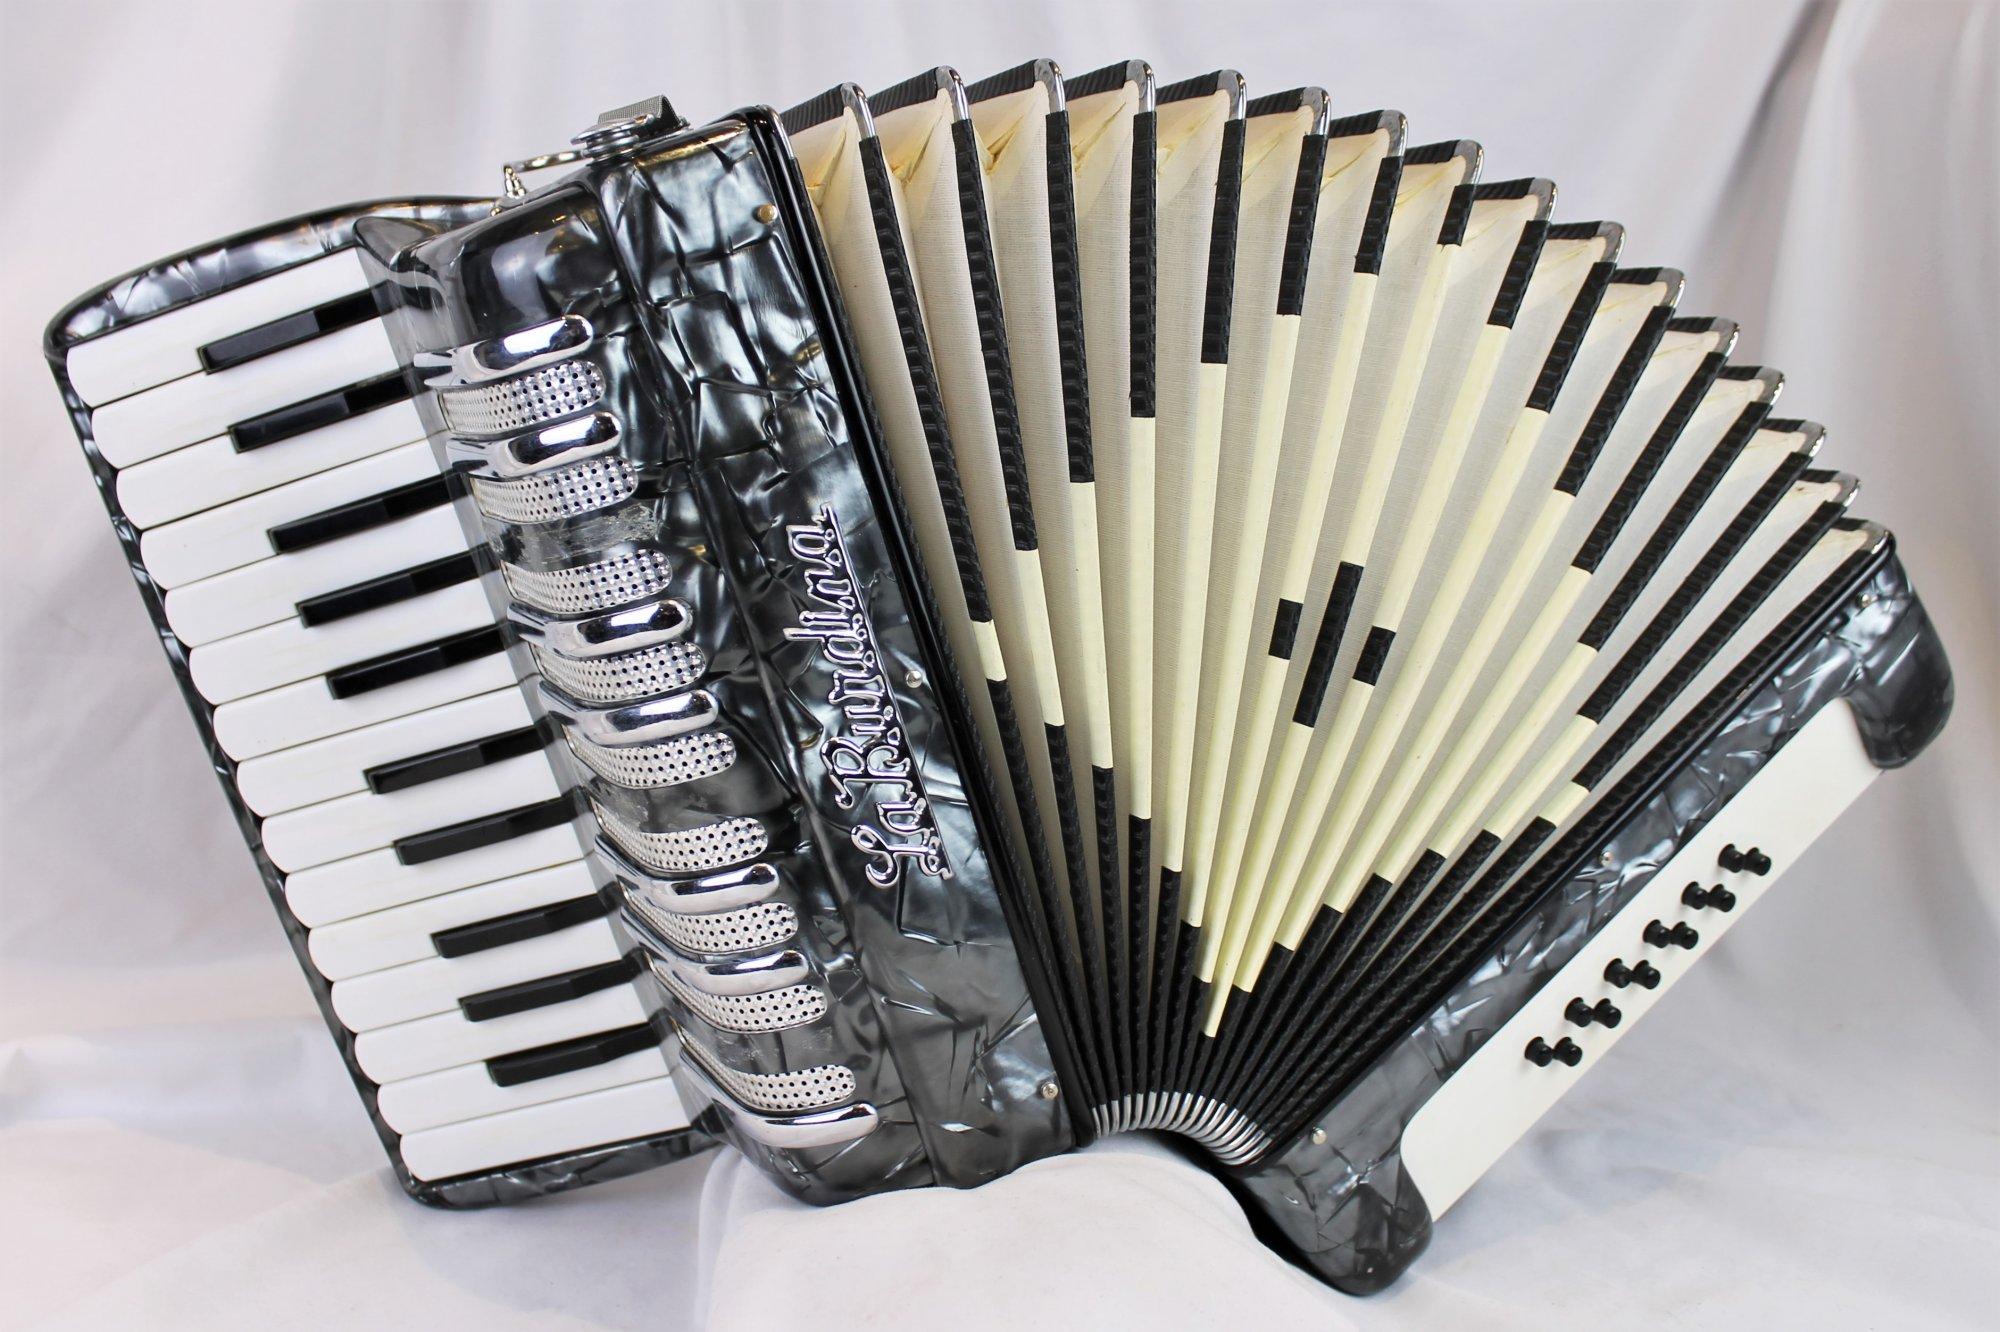 4868 - Silver Remo Pellegrini La Burdina Piano Accordion LM 25 12